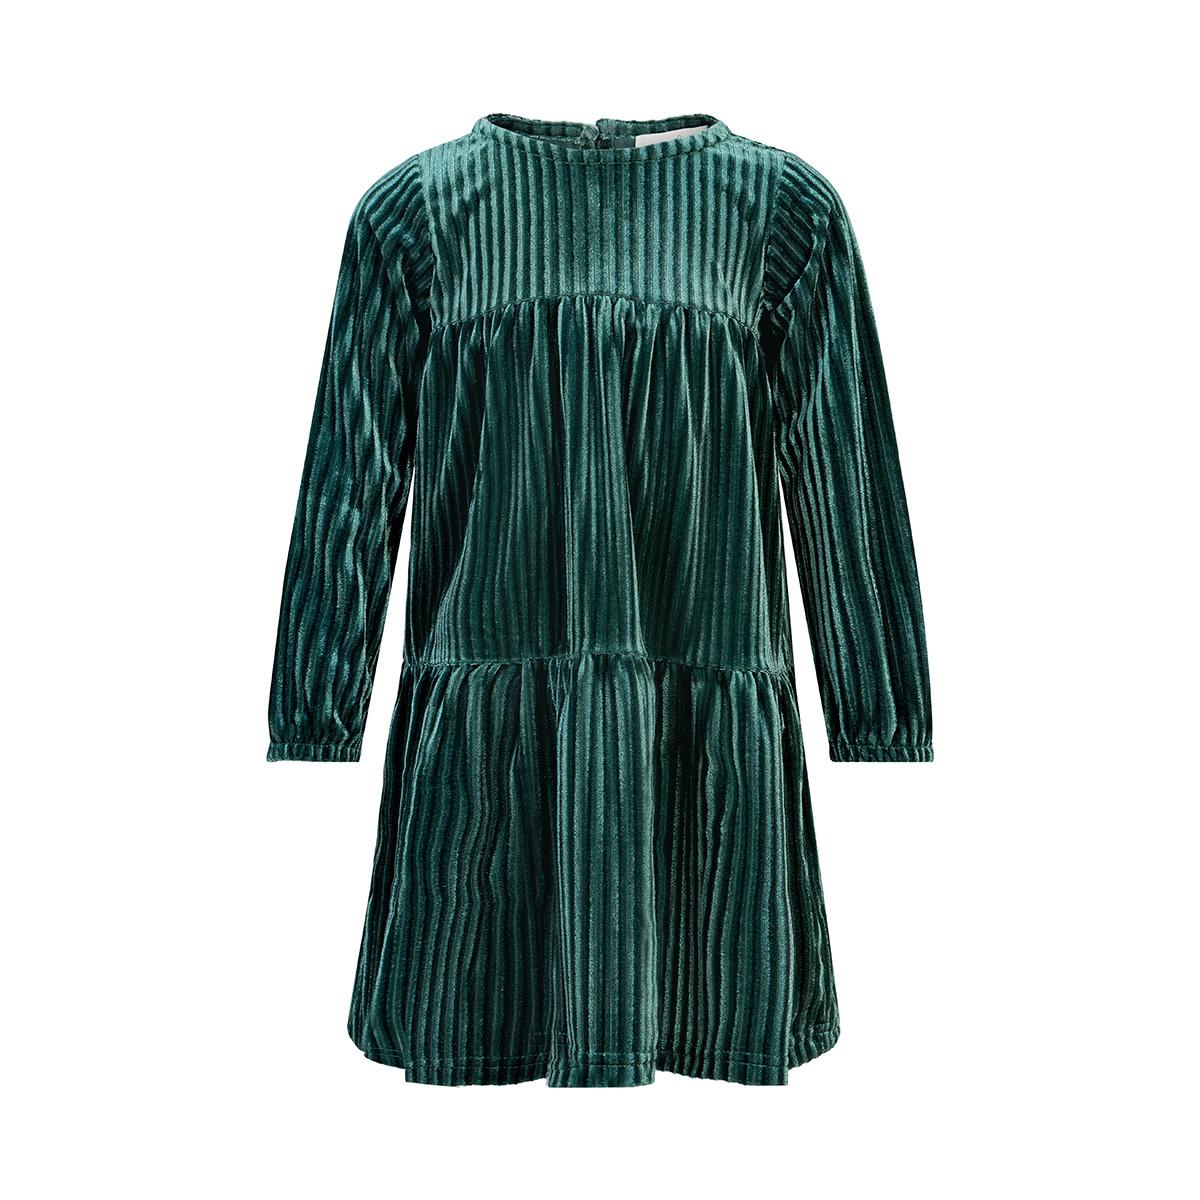 Creamie   Dress   12m-6y   840251-9818